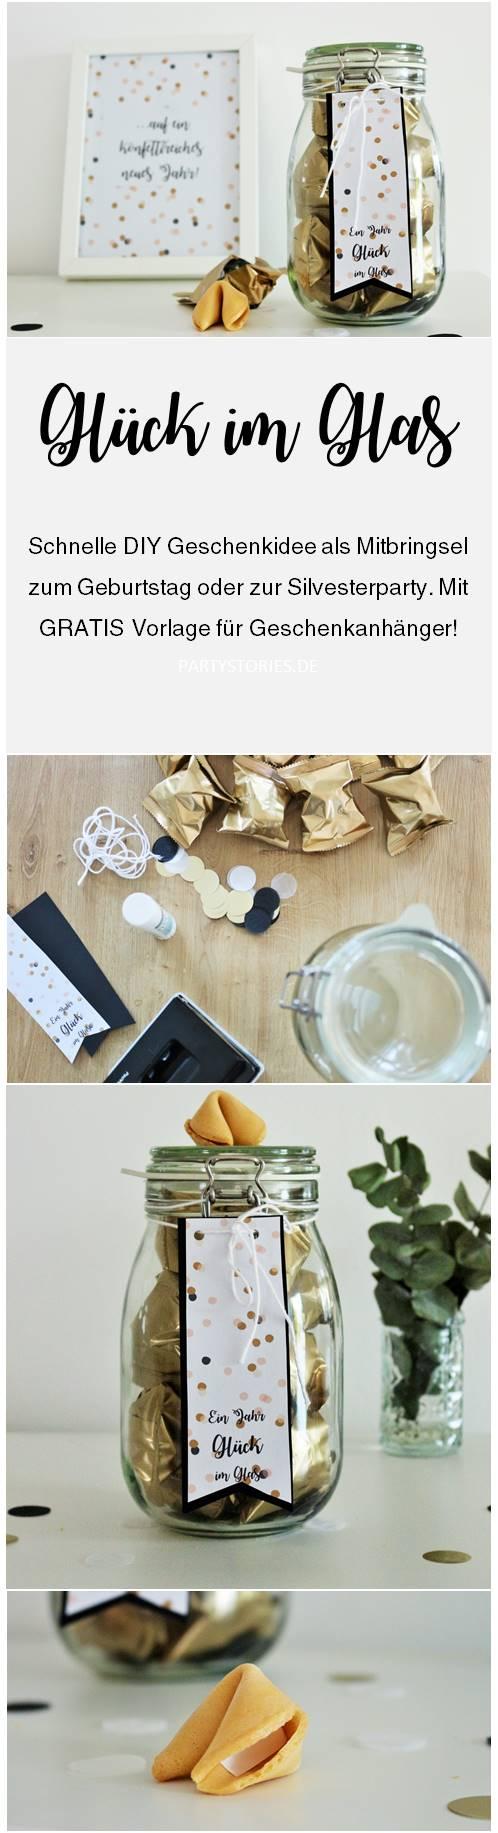 Bild: DIY Geschenkidee zum Geburtstag oder als Gastgeschenk für Silvester, ein Jahr Glück im Glas, Glückskekse schön verpacken, gefunden auf Partystories.de